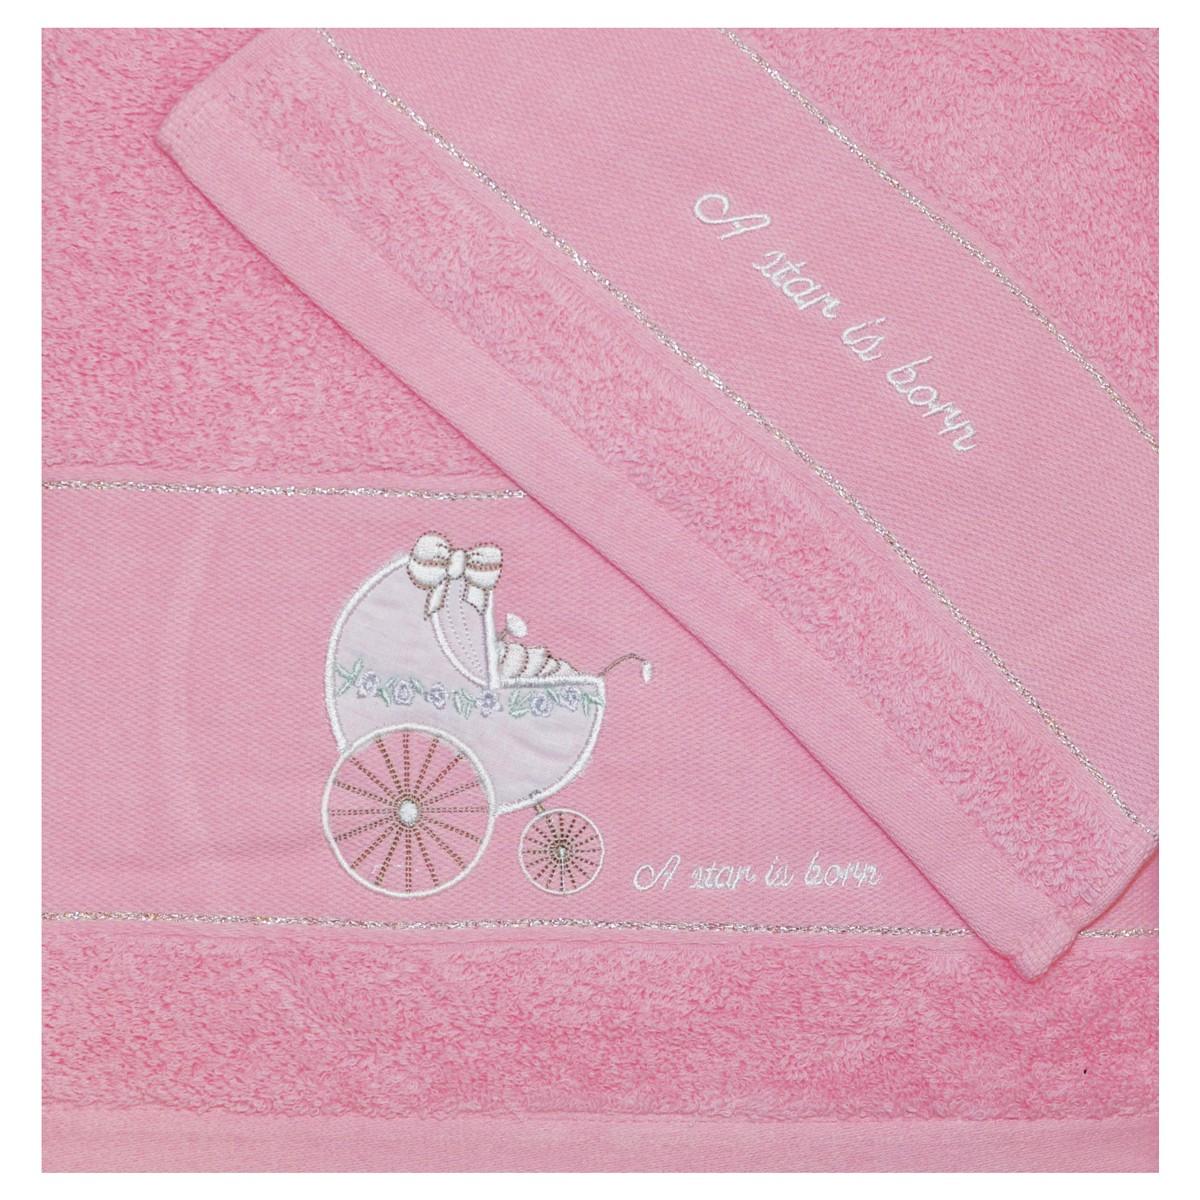 Βρεφικές Πετσέτες (Σετ 2τμχ) Morven 548 Pink